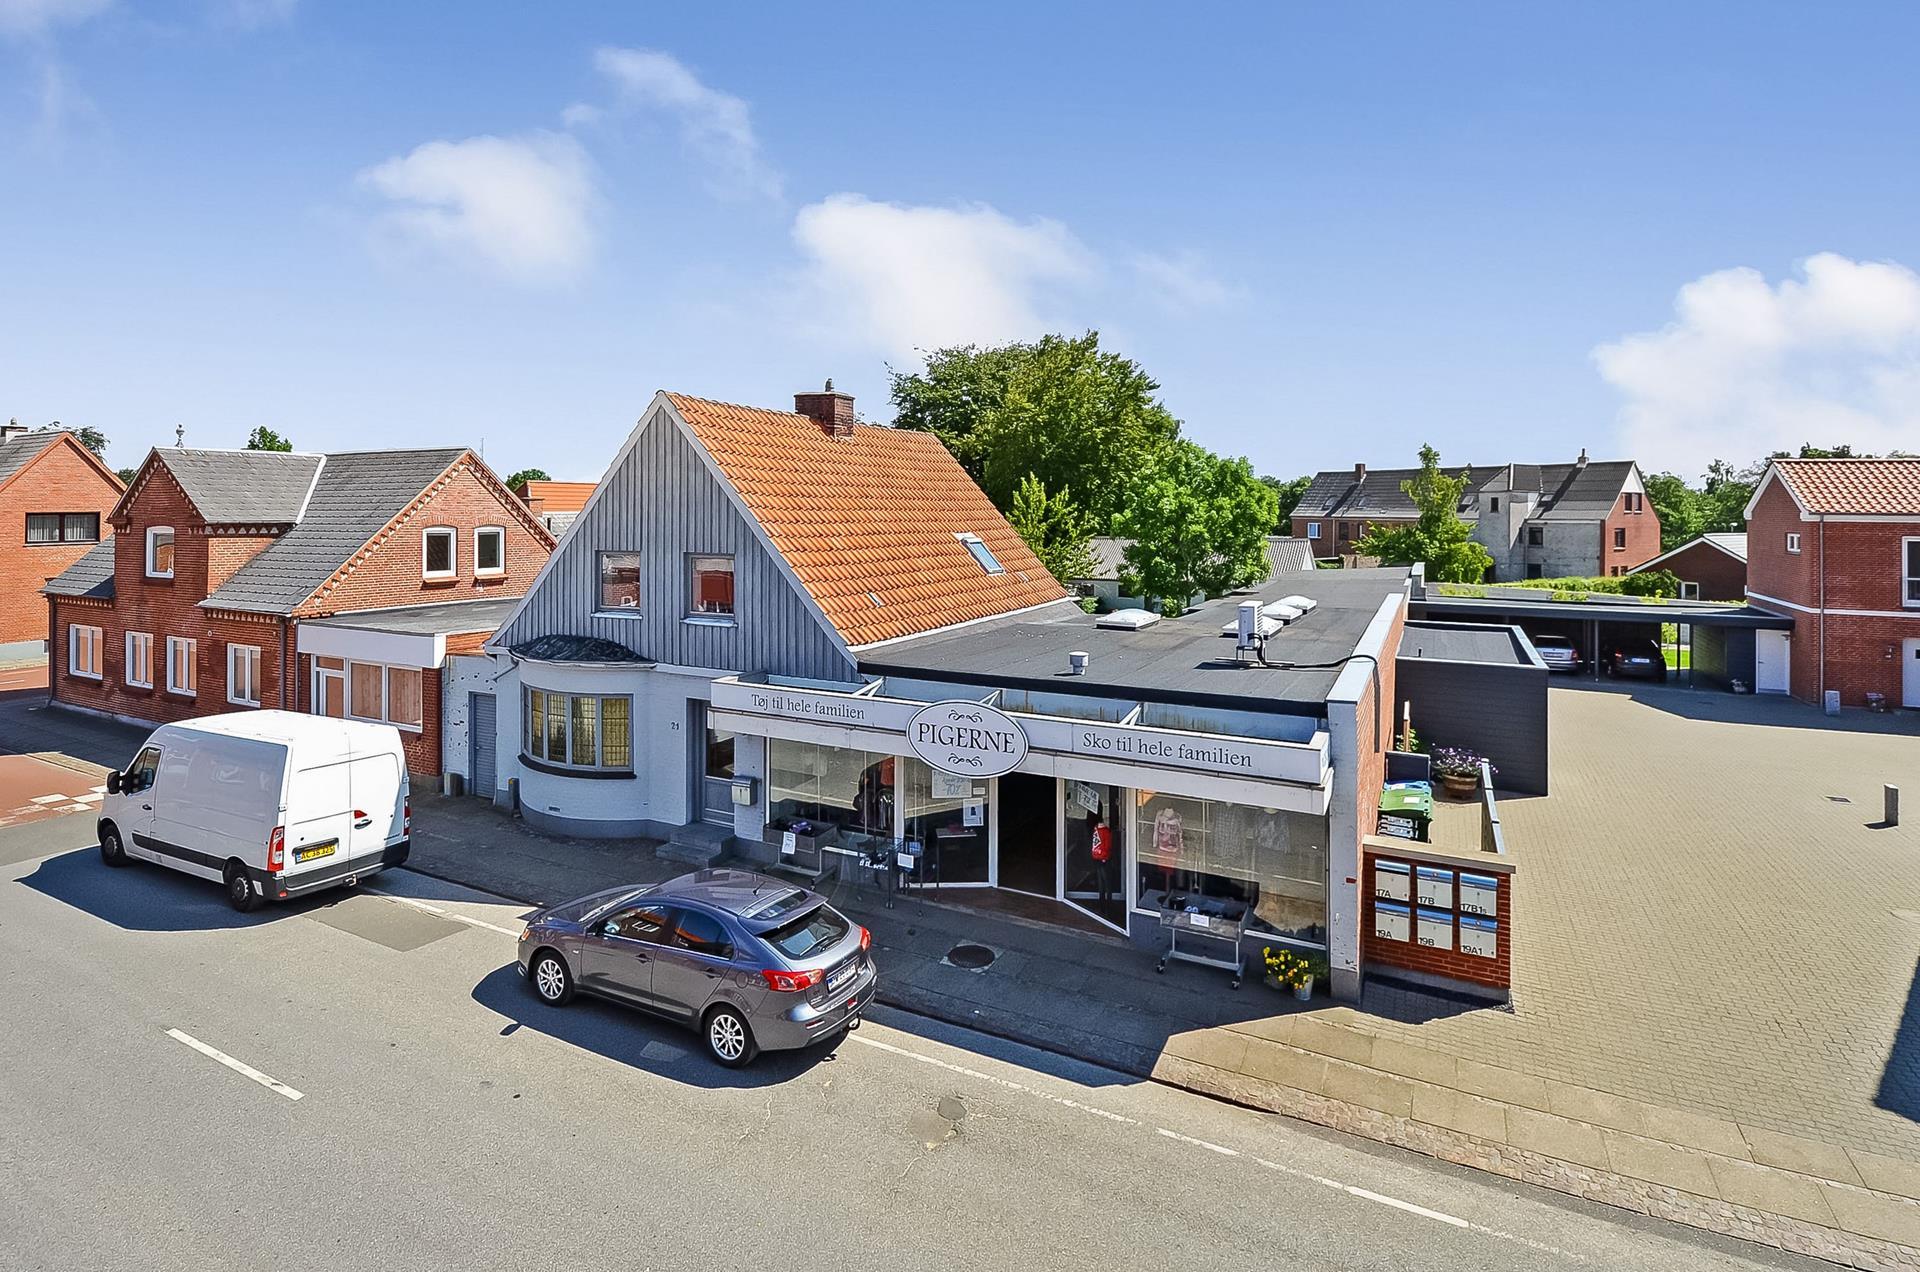 Bolig/erhverv på Storegade i Agerbæk - Ejendommen